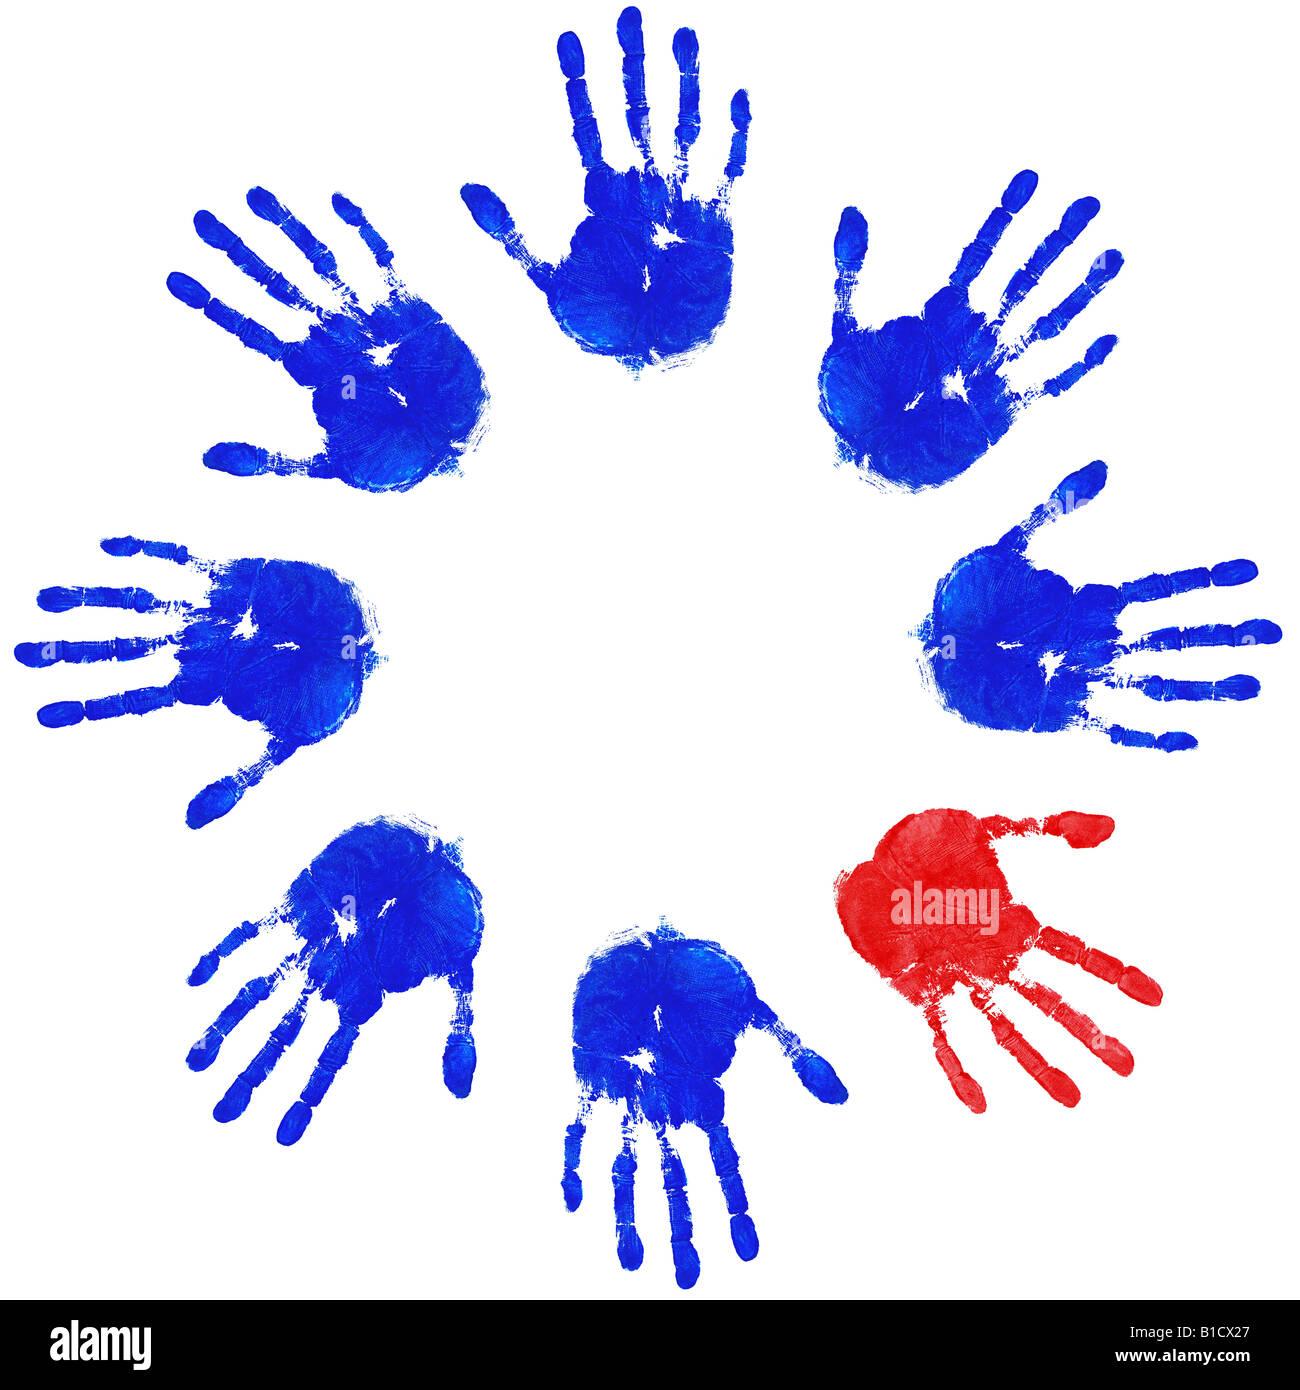 Immagini di handprints blu con un rosso dispari uno dei concetti di lavoro di squadra di equità e diversità Immagini Stock